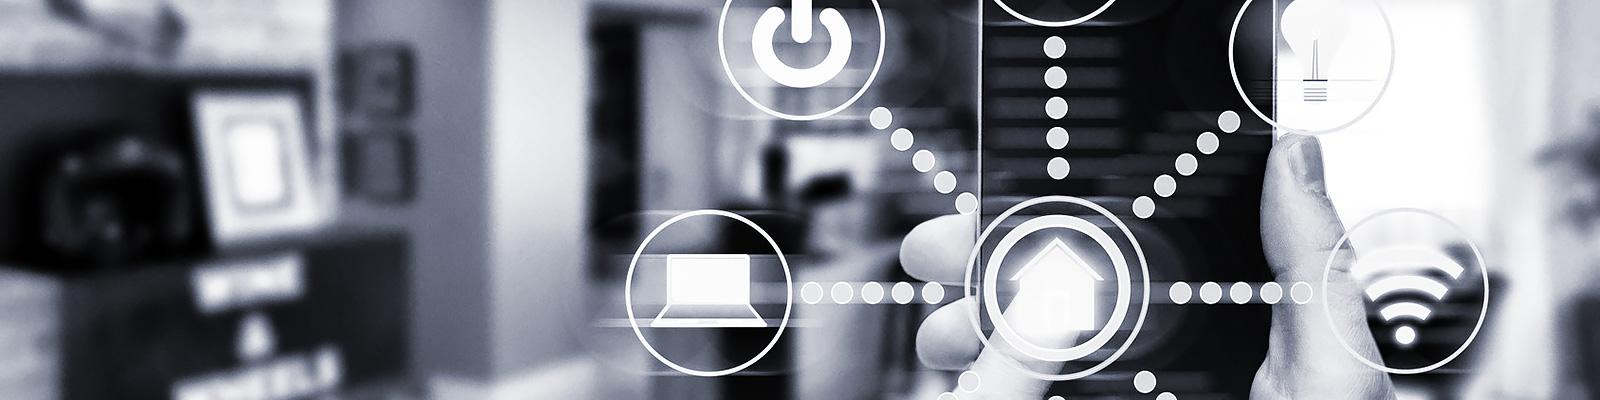 IoT ホーム 端末 イメージ